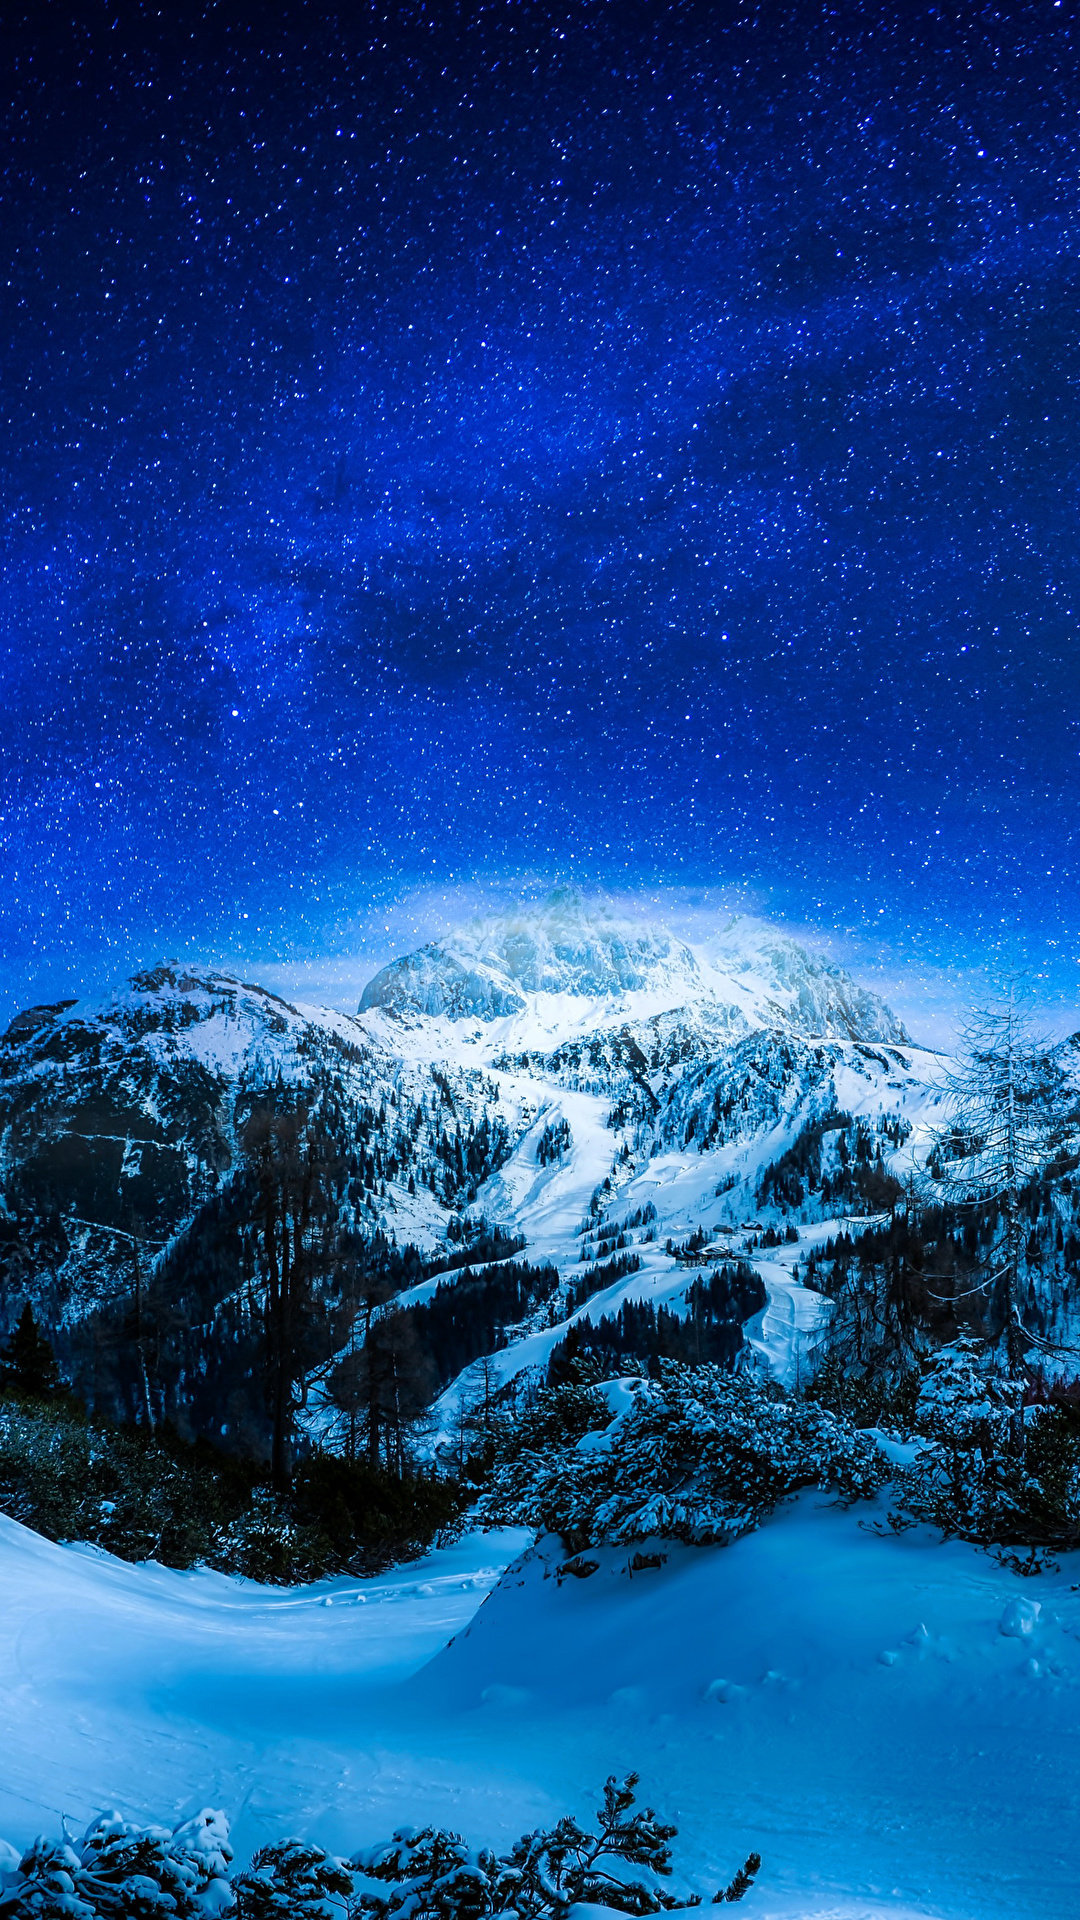 壁紙 1080x19 冬 空 恒星 山 雪 夜 木 自然 ダウンロード 写真